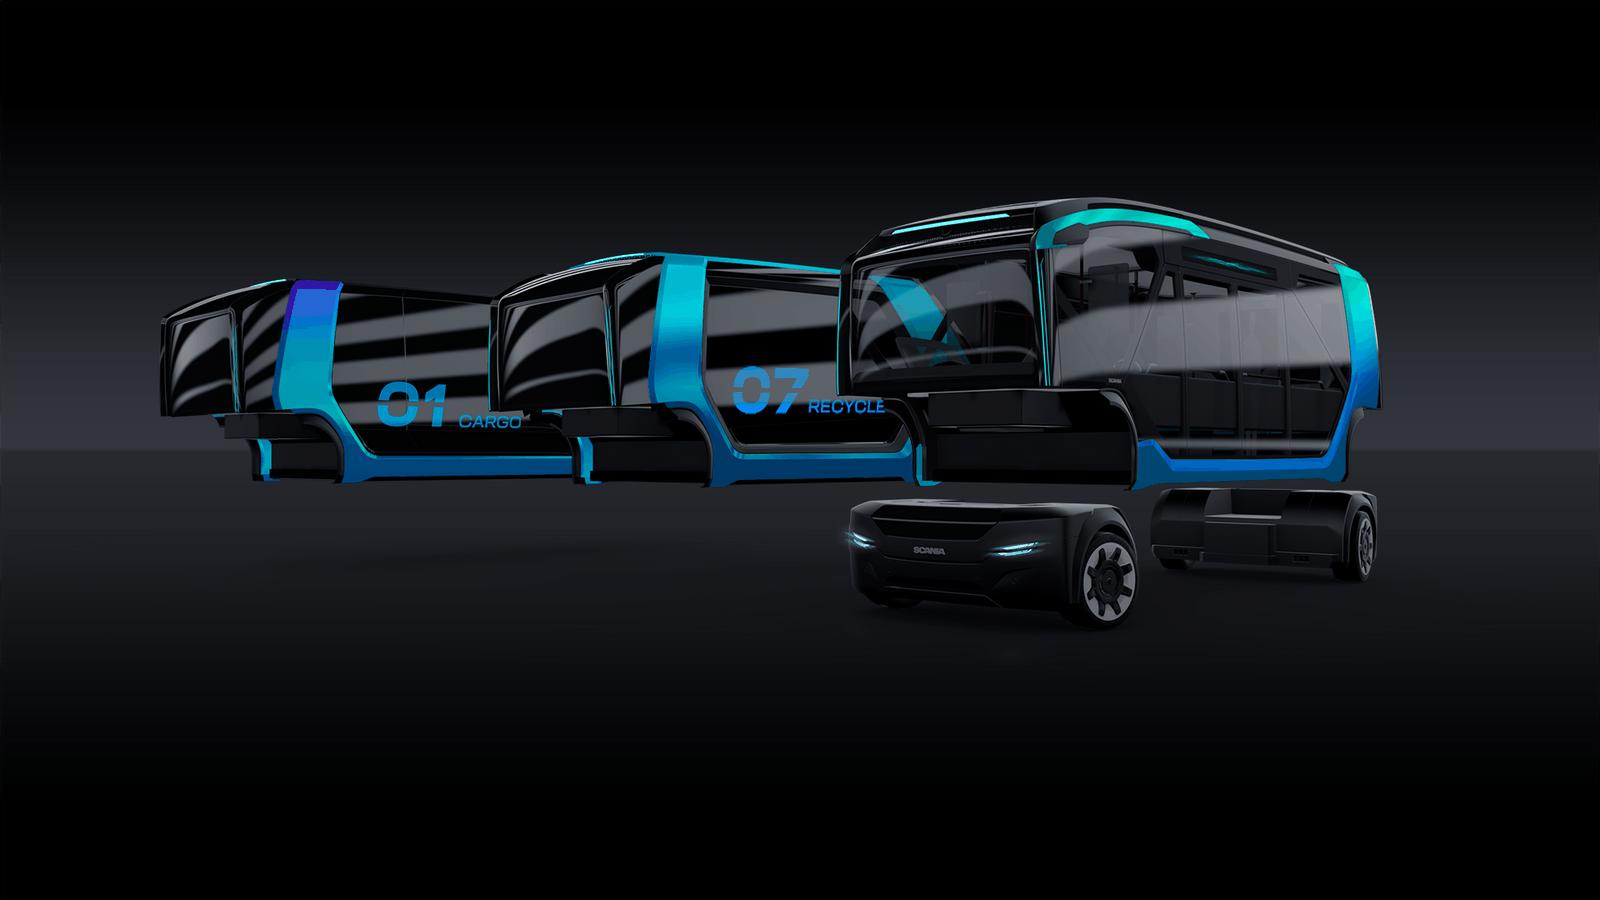 U vozidla NXT lze přední a zadní pohonné moduly namontovat na několik karoserií…